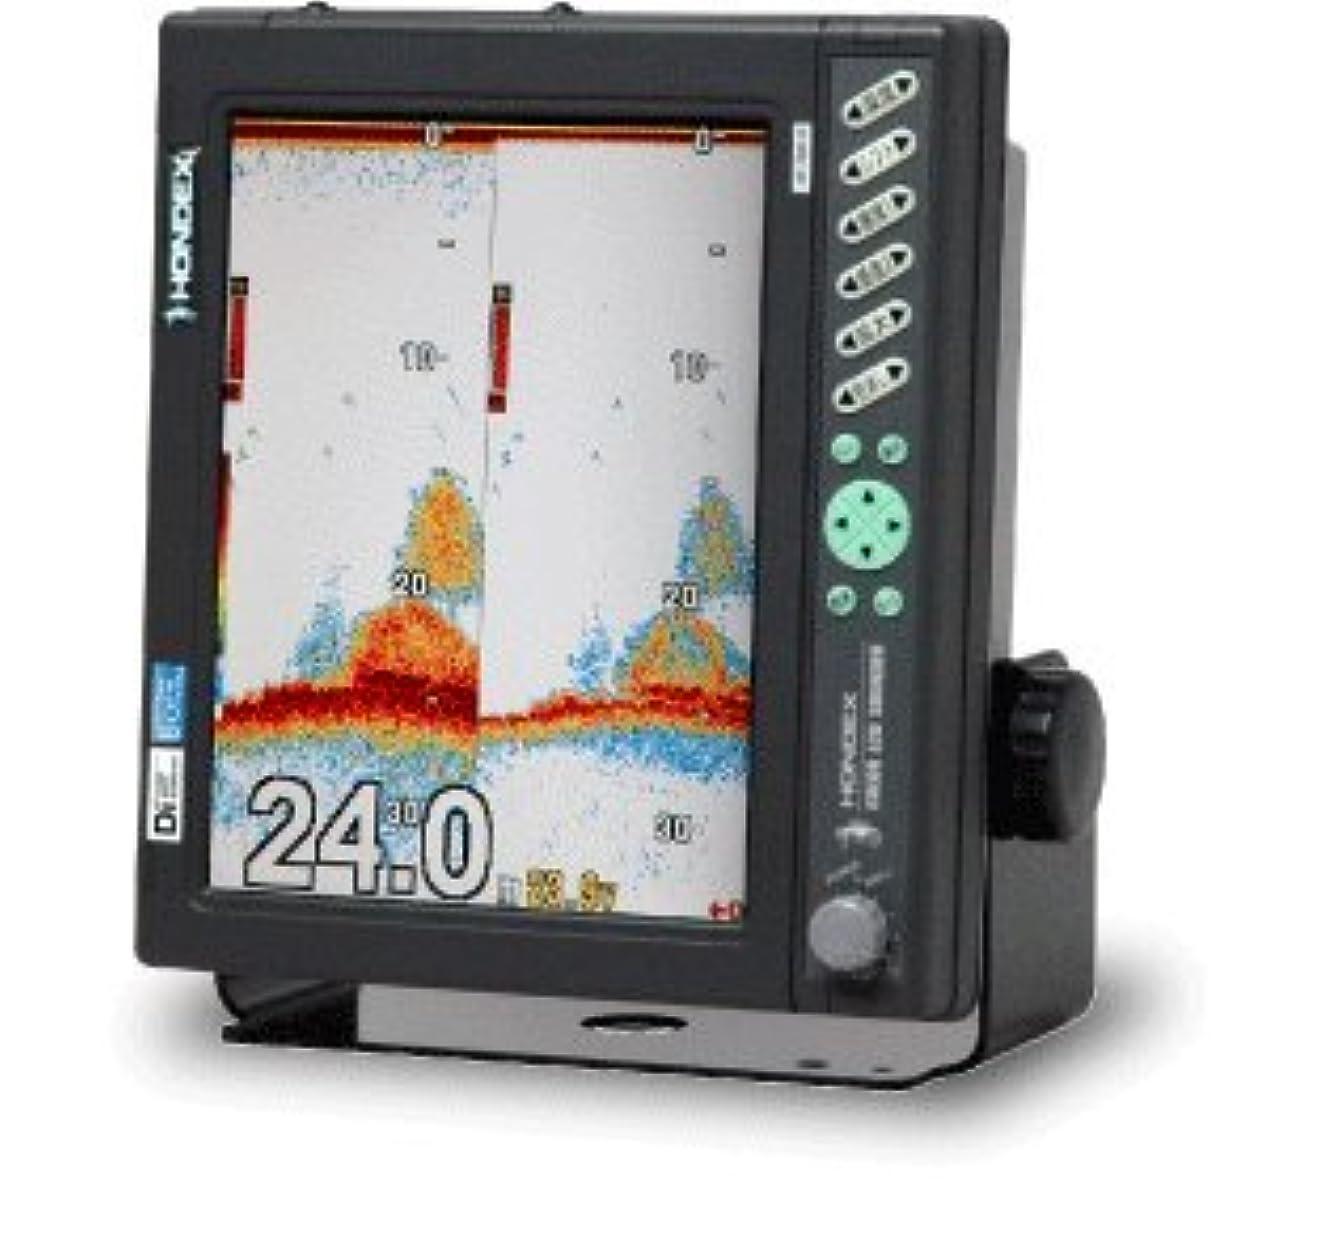 目立つ日付付き緊張HONDEX(ホンデックス) 10.4型カラー液晶デジタル魚探 HE-7300-Di-Bo 2.5kW 32/40,40/75,50/55,85/90kHz